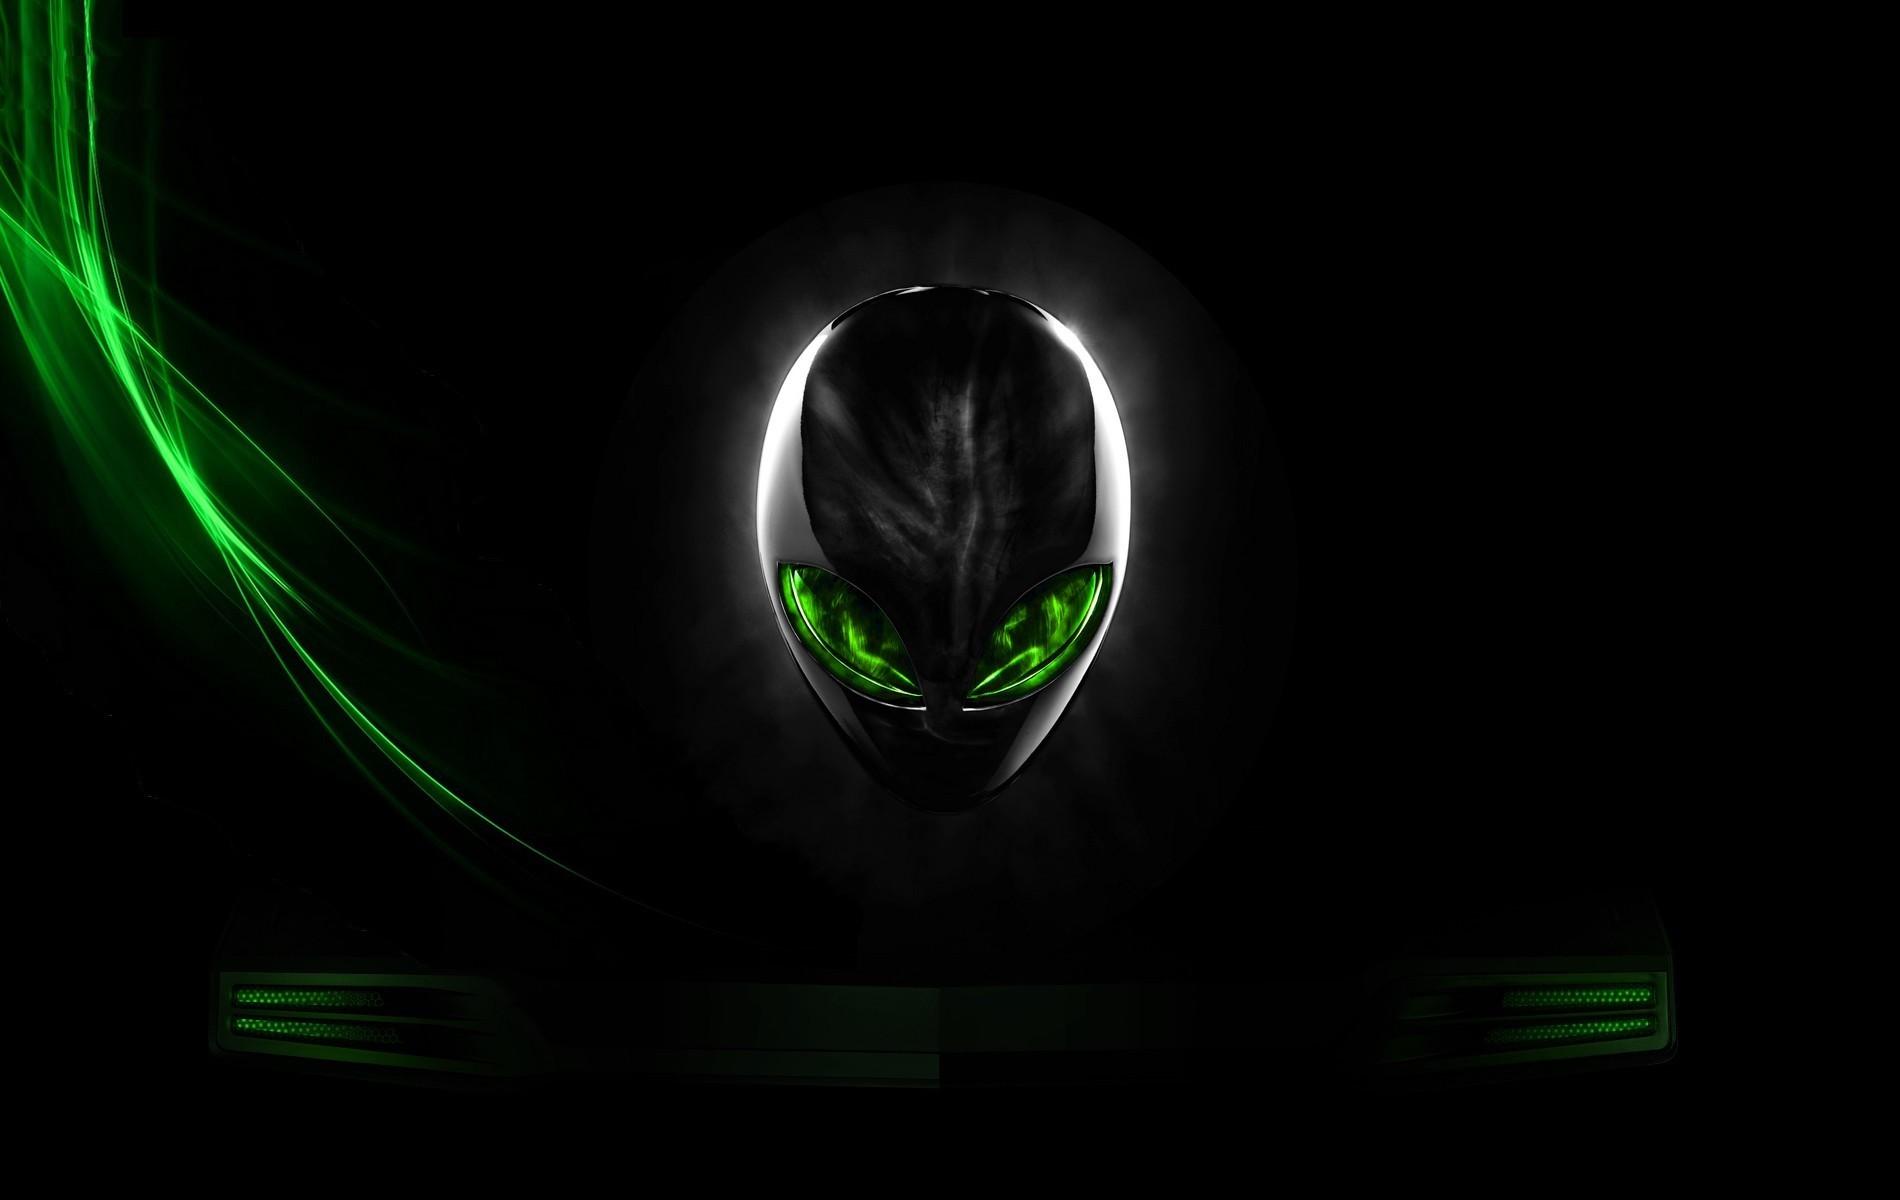 46 alienware live wallpapers on wallpapersafari - Alien desktop ...